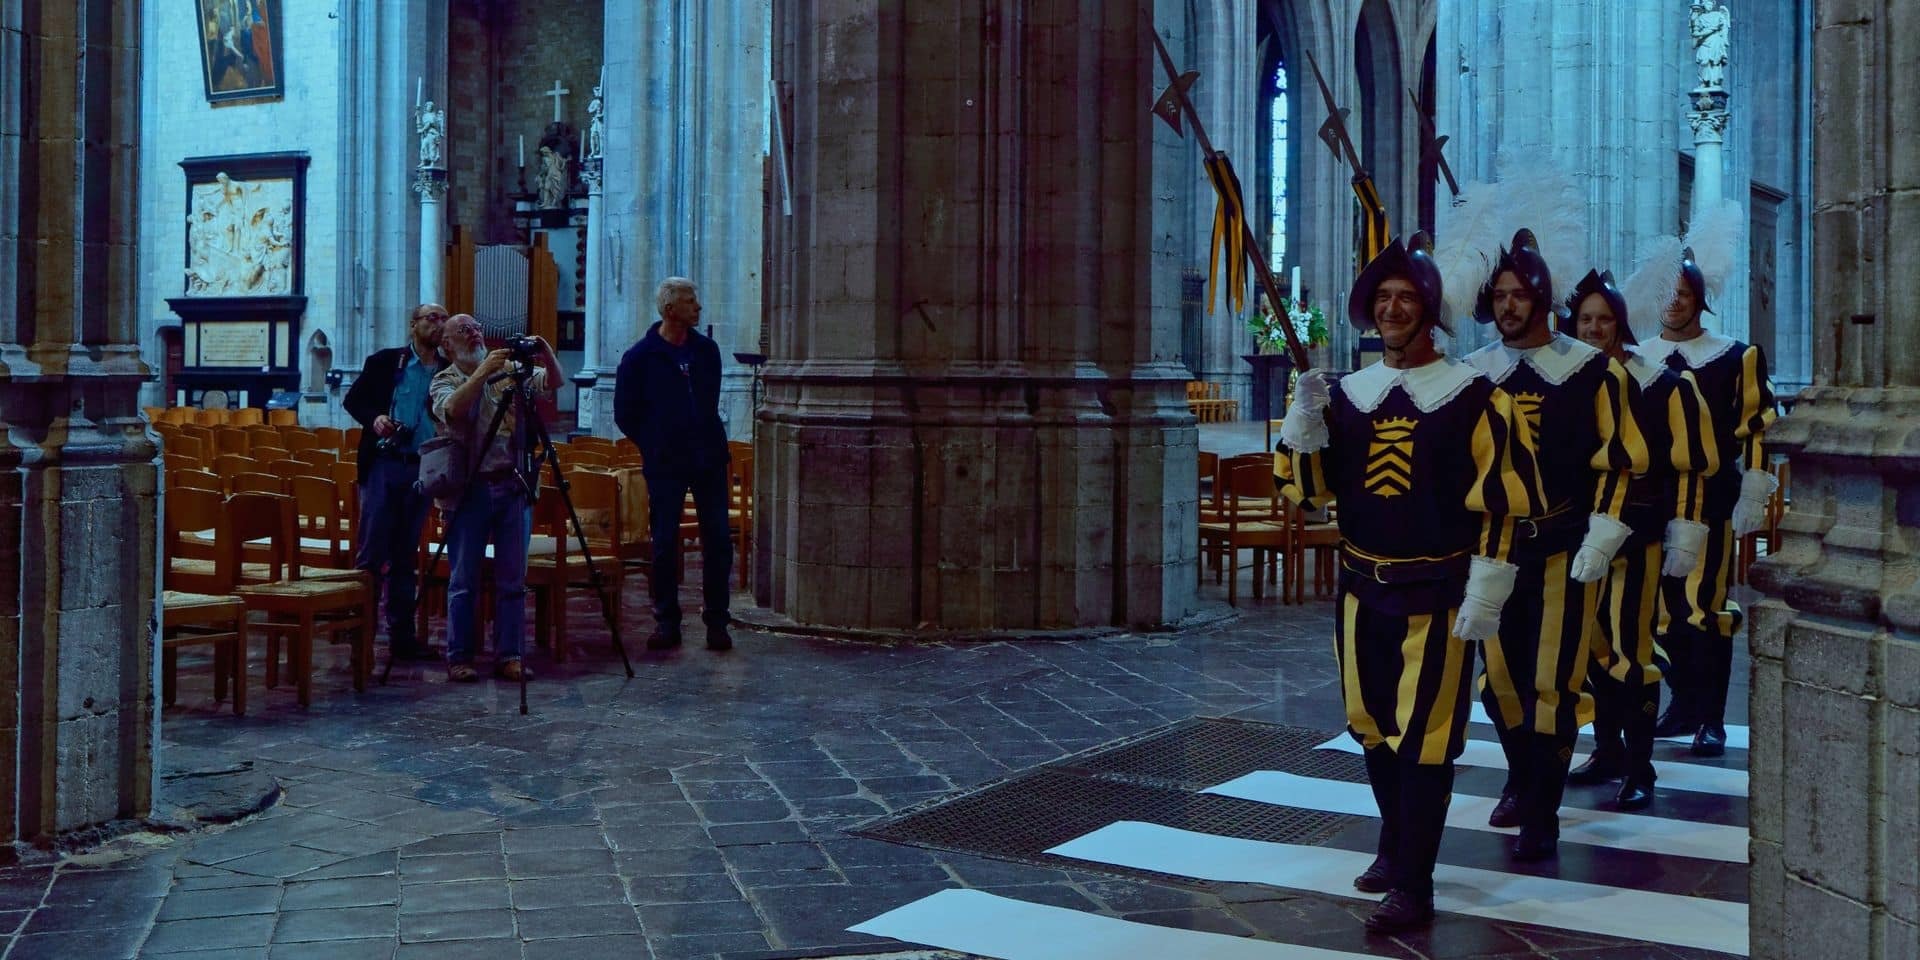 La procession du Car d'Or sur le passage des légendes